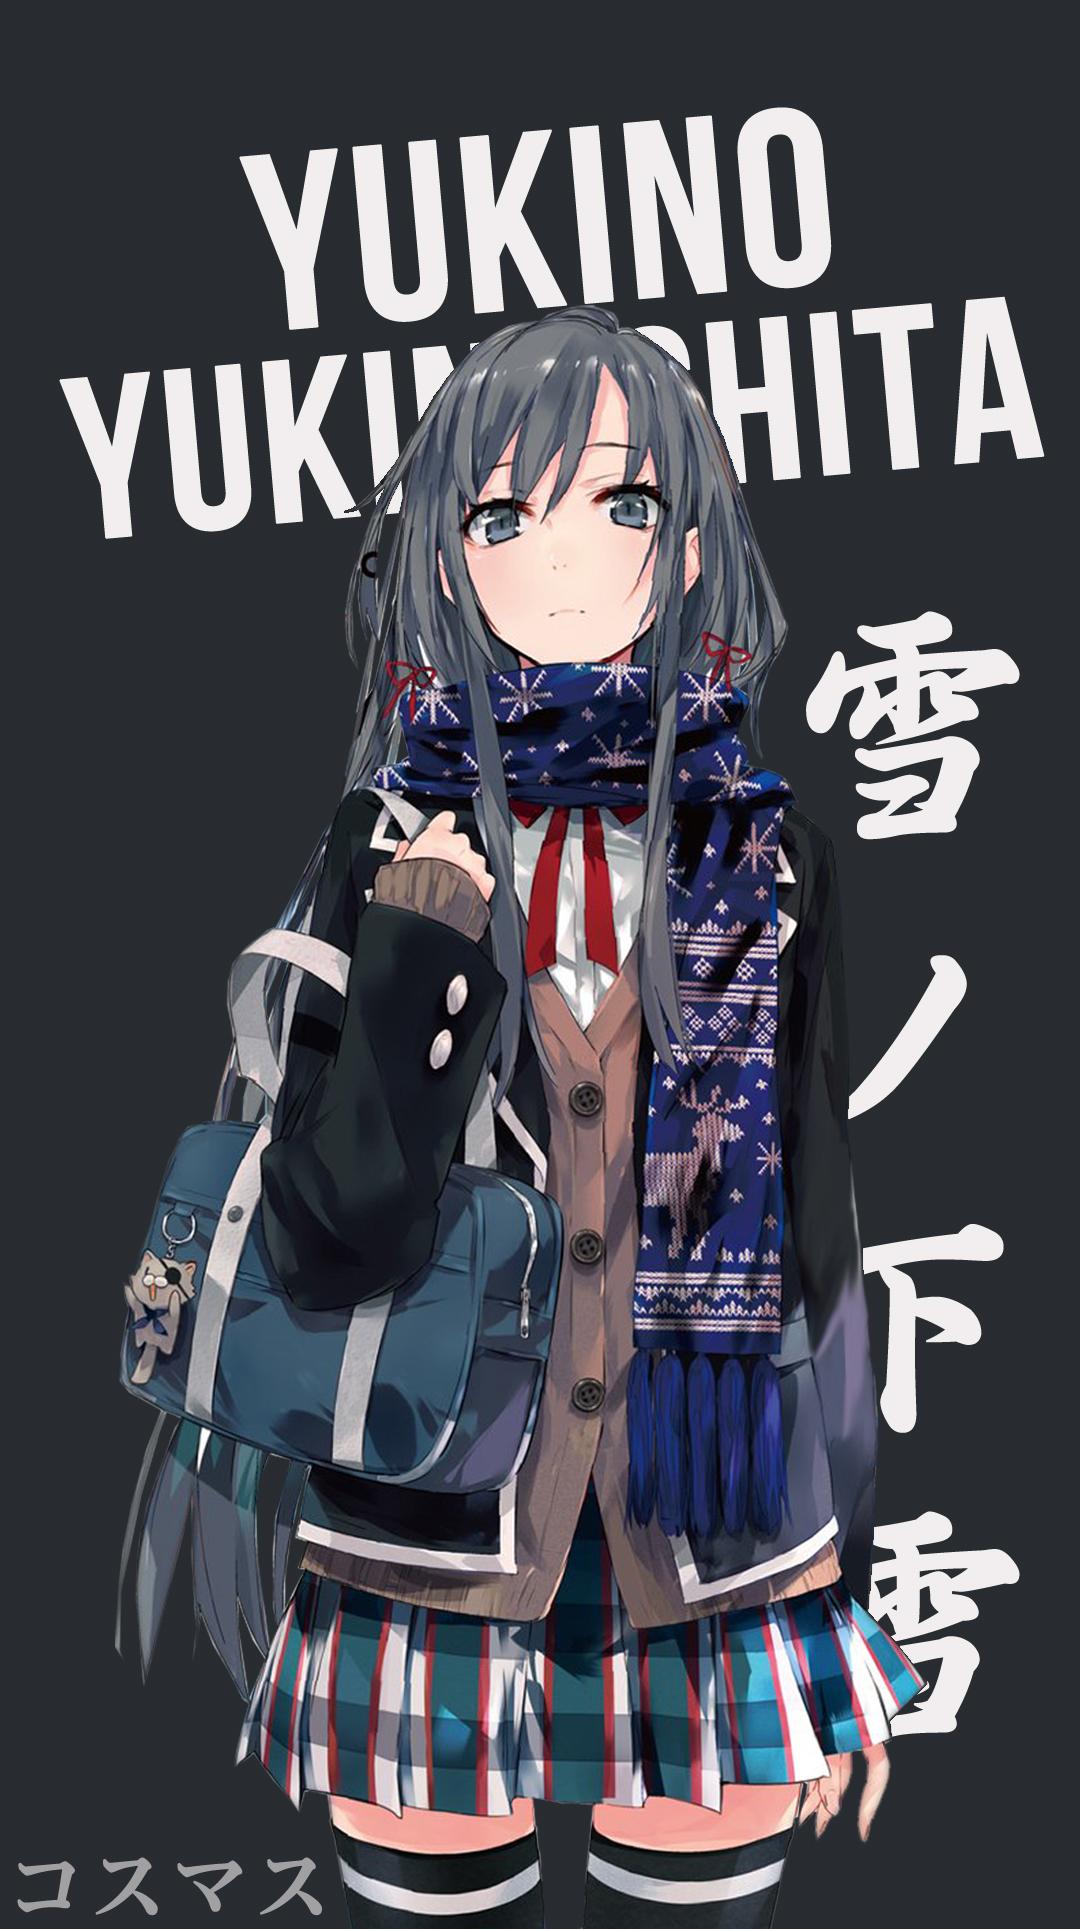 YUKINO YUKINOSHITA -CSMS.jpg